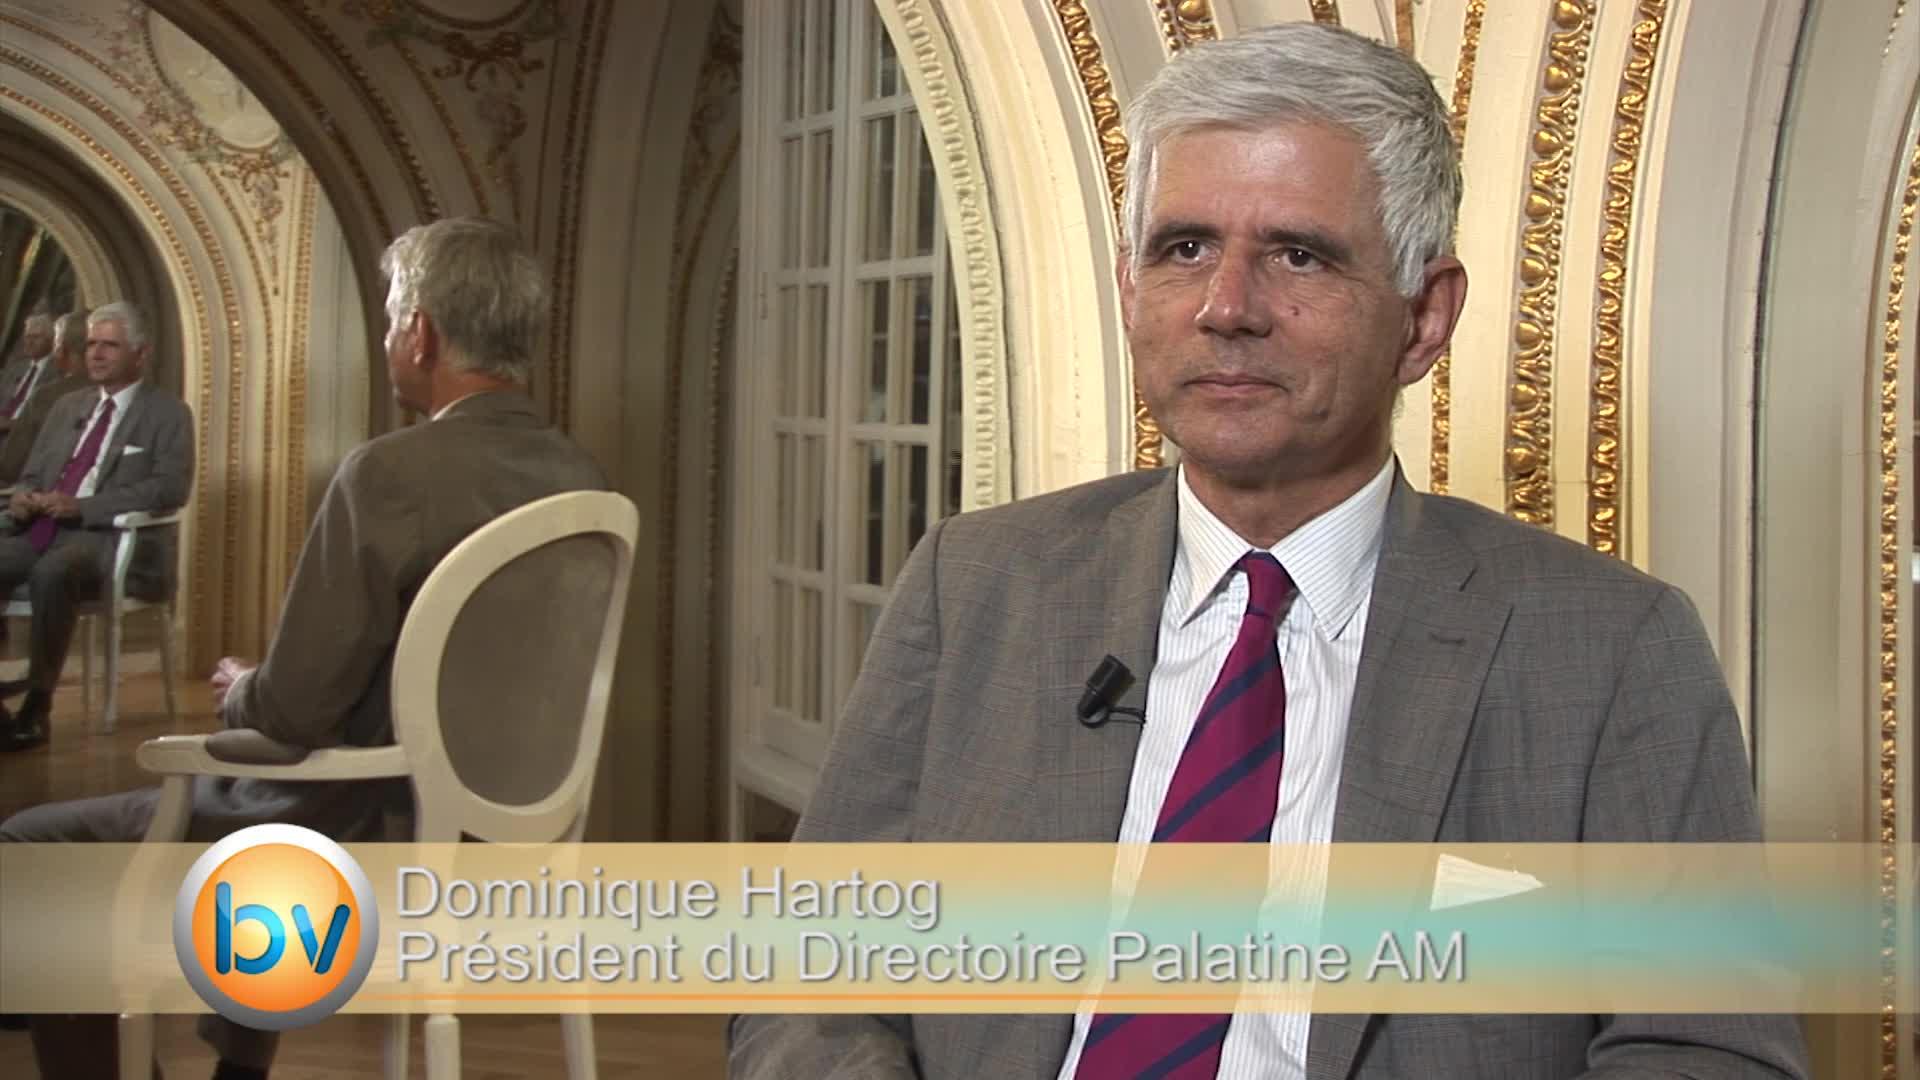 """Dominique Hartog Président du Directoire Palatine AM : """"Beaucoup d'éléments favorables pour la zone euro"""""""